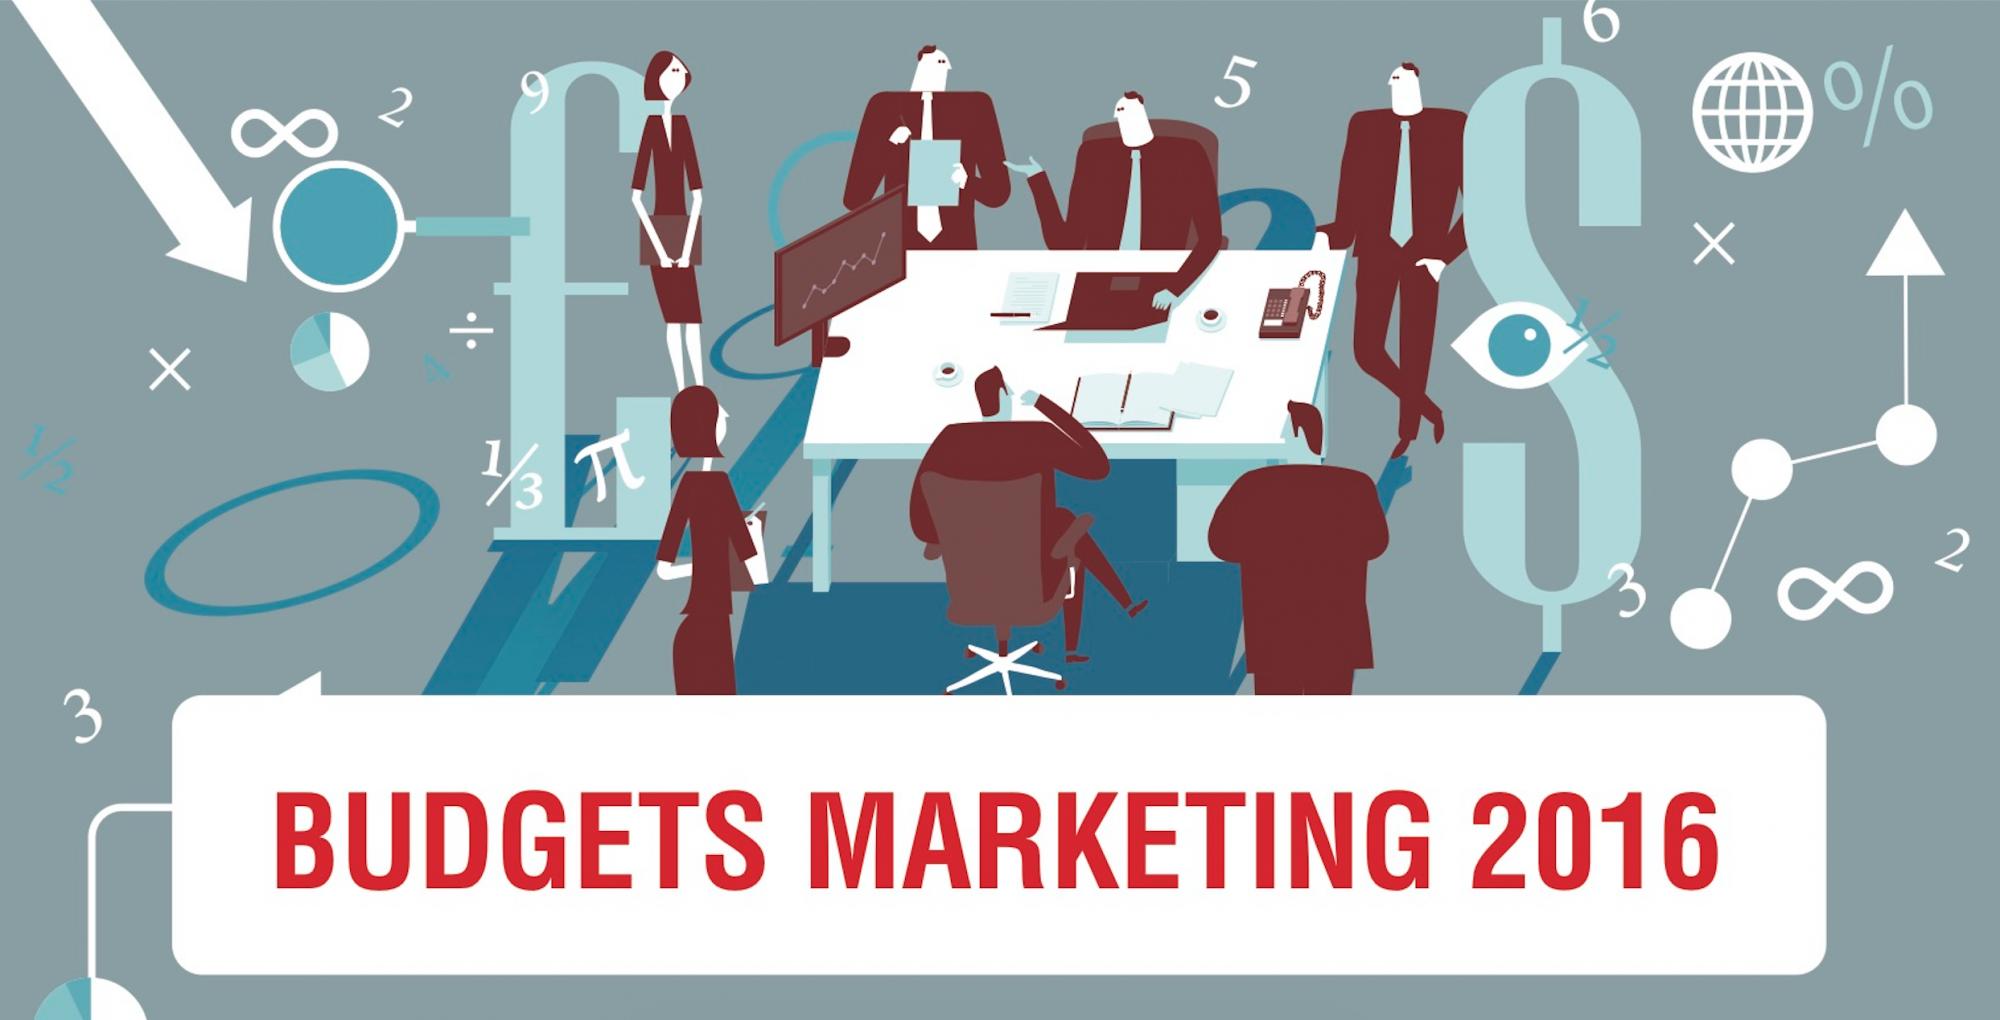 Les tendances marketing en 2016 avec une infographie